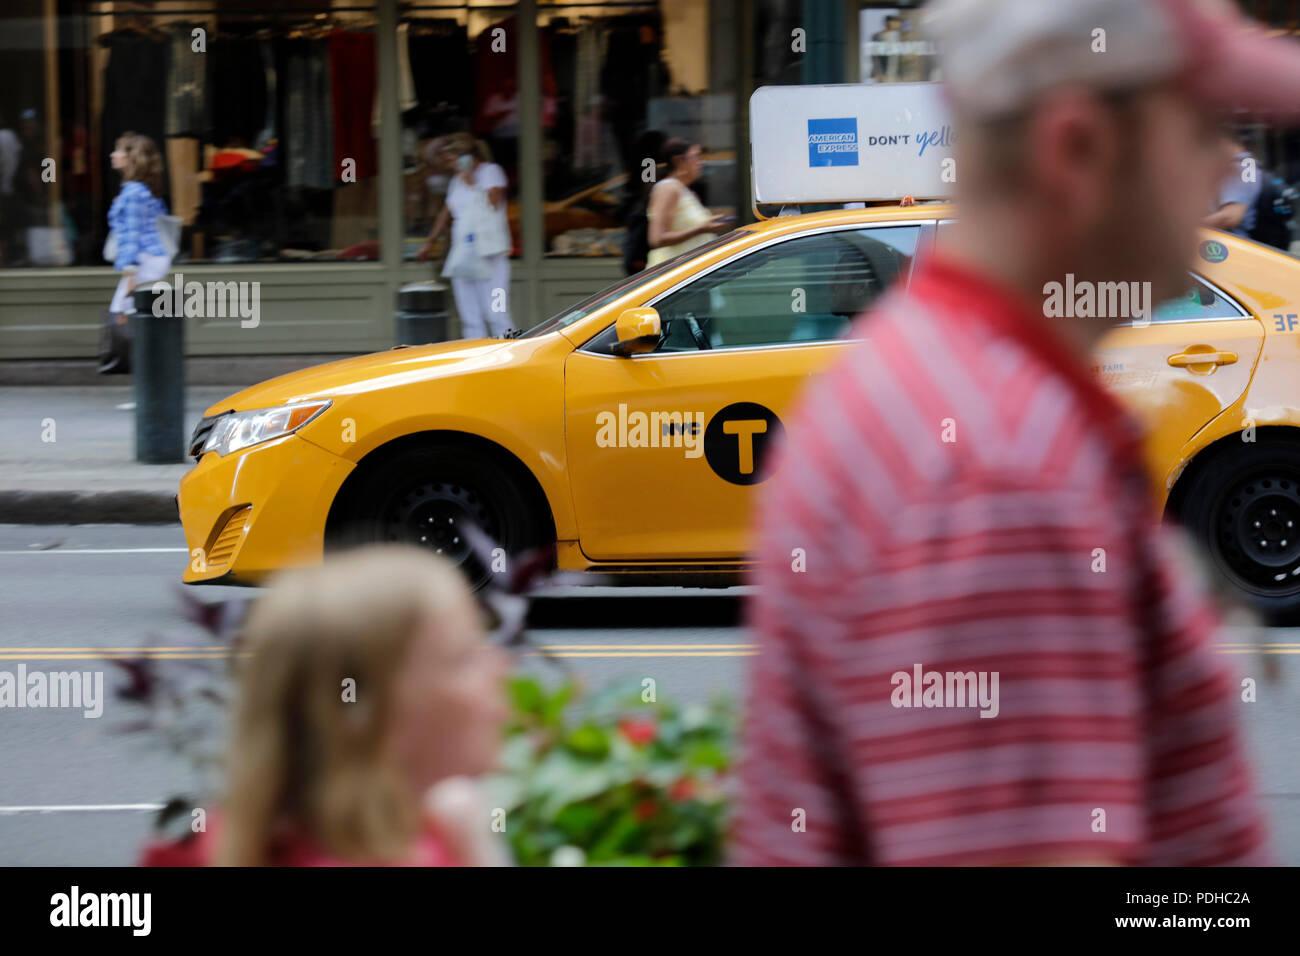 Medallion Taxis New York City Stock Photos & Medallion Taxis